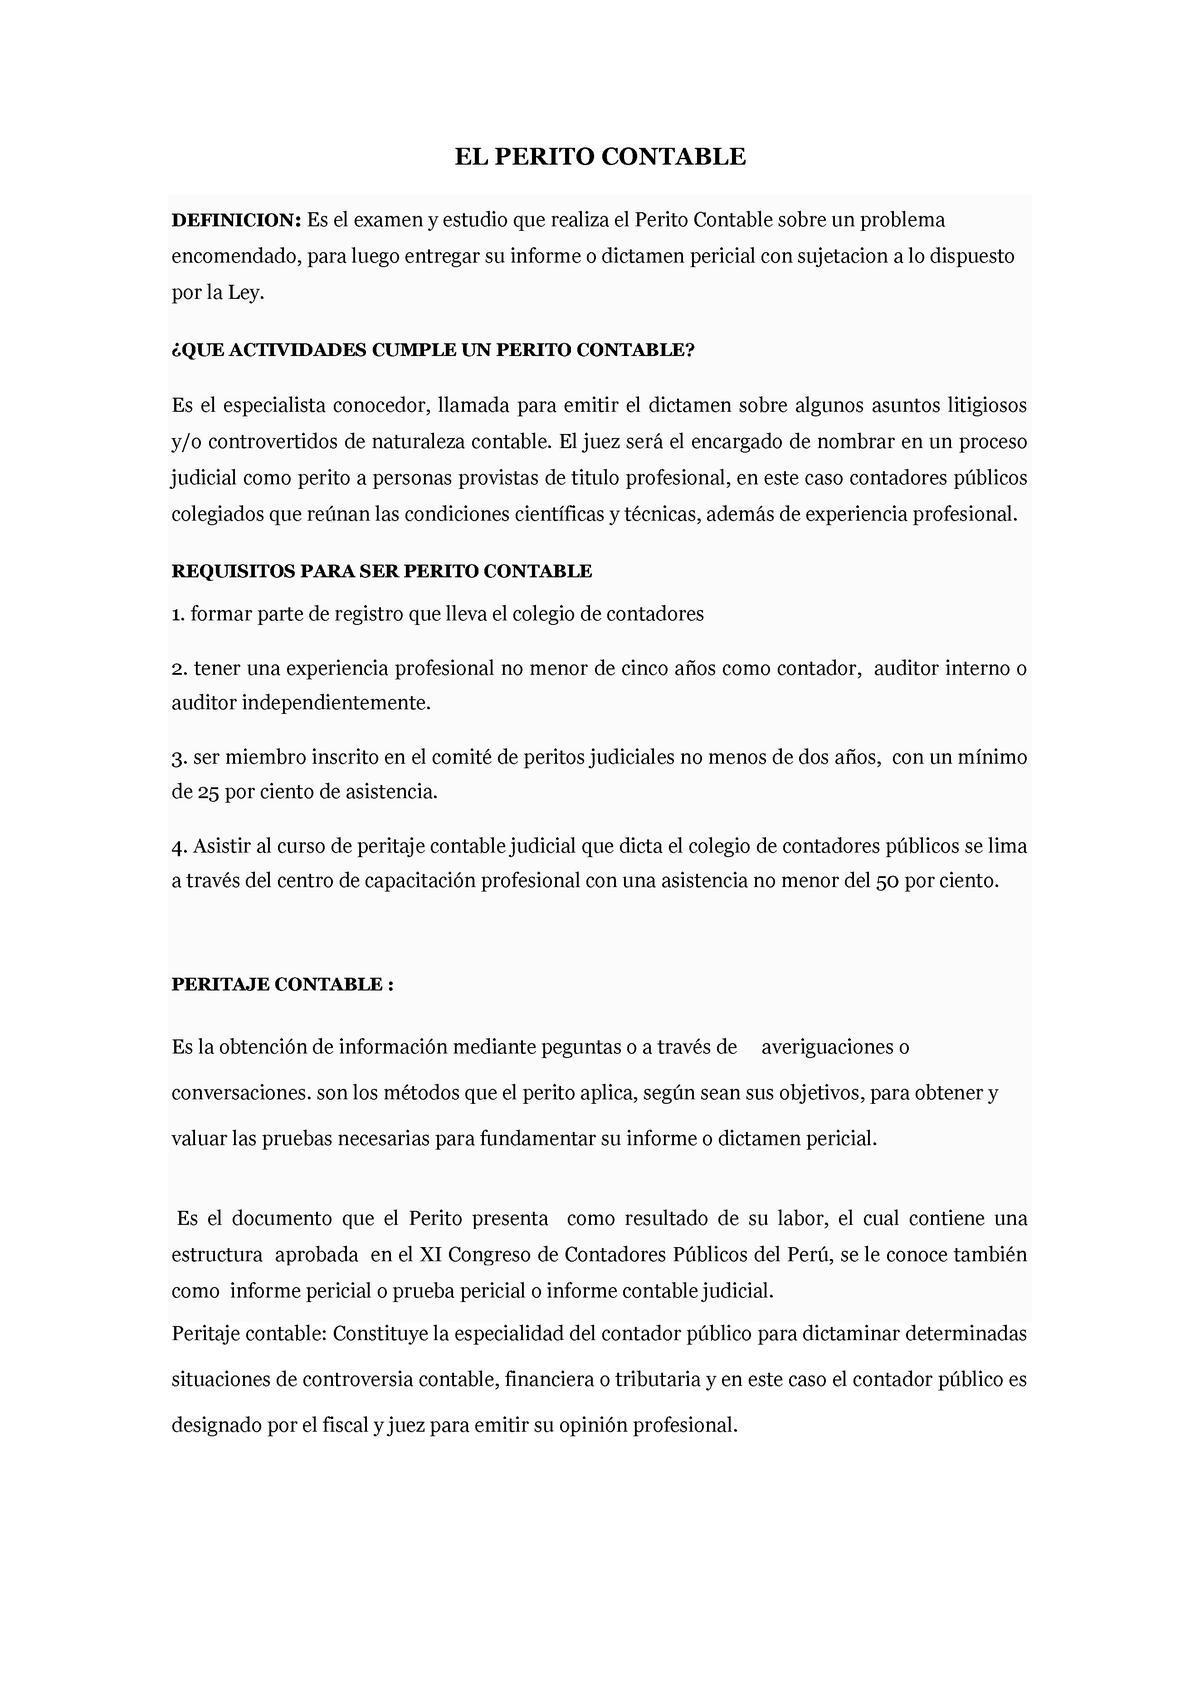 El Perito Contable Medicina Legal 122079 Uam Studocu